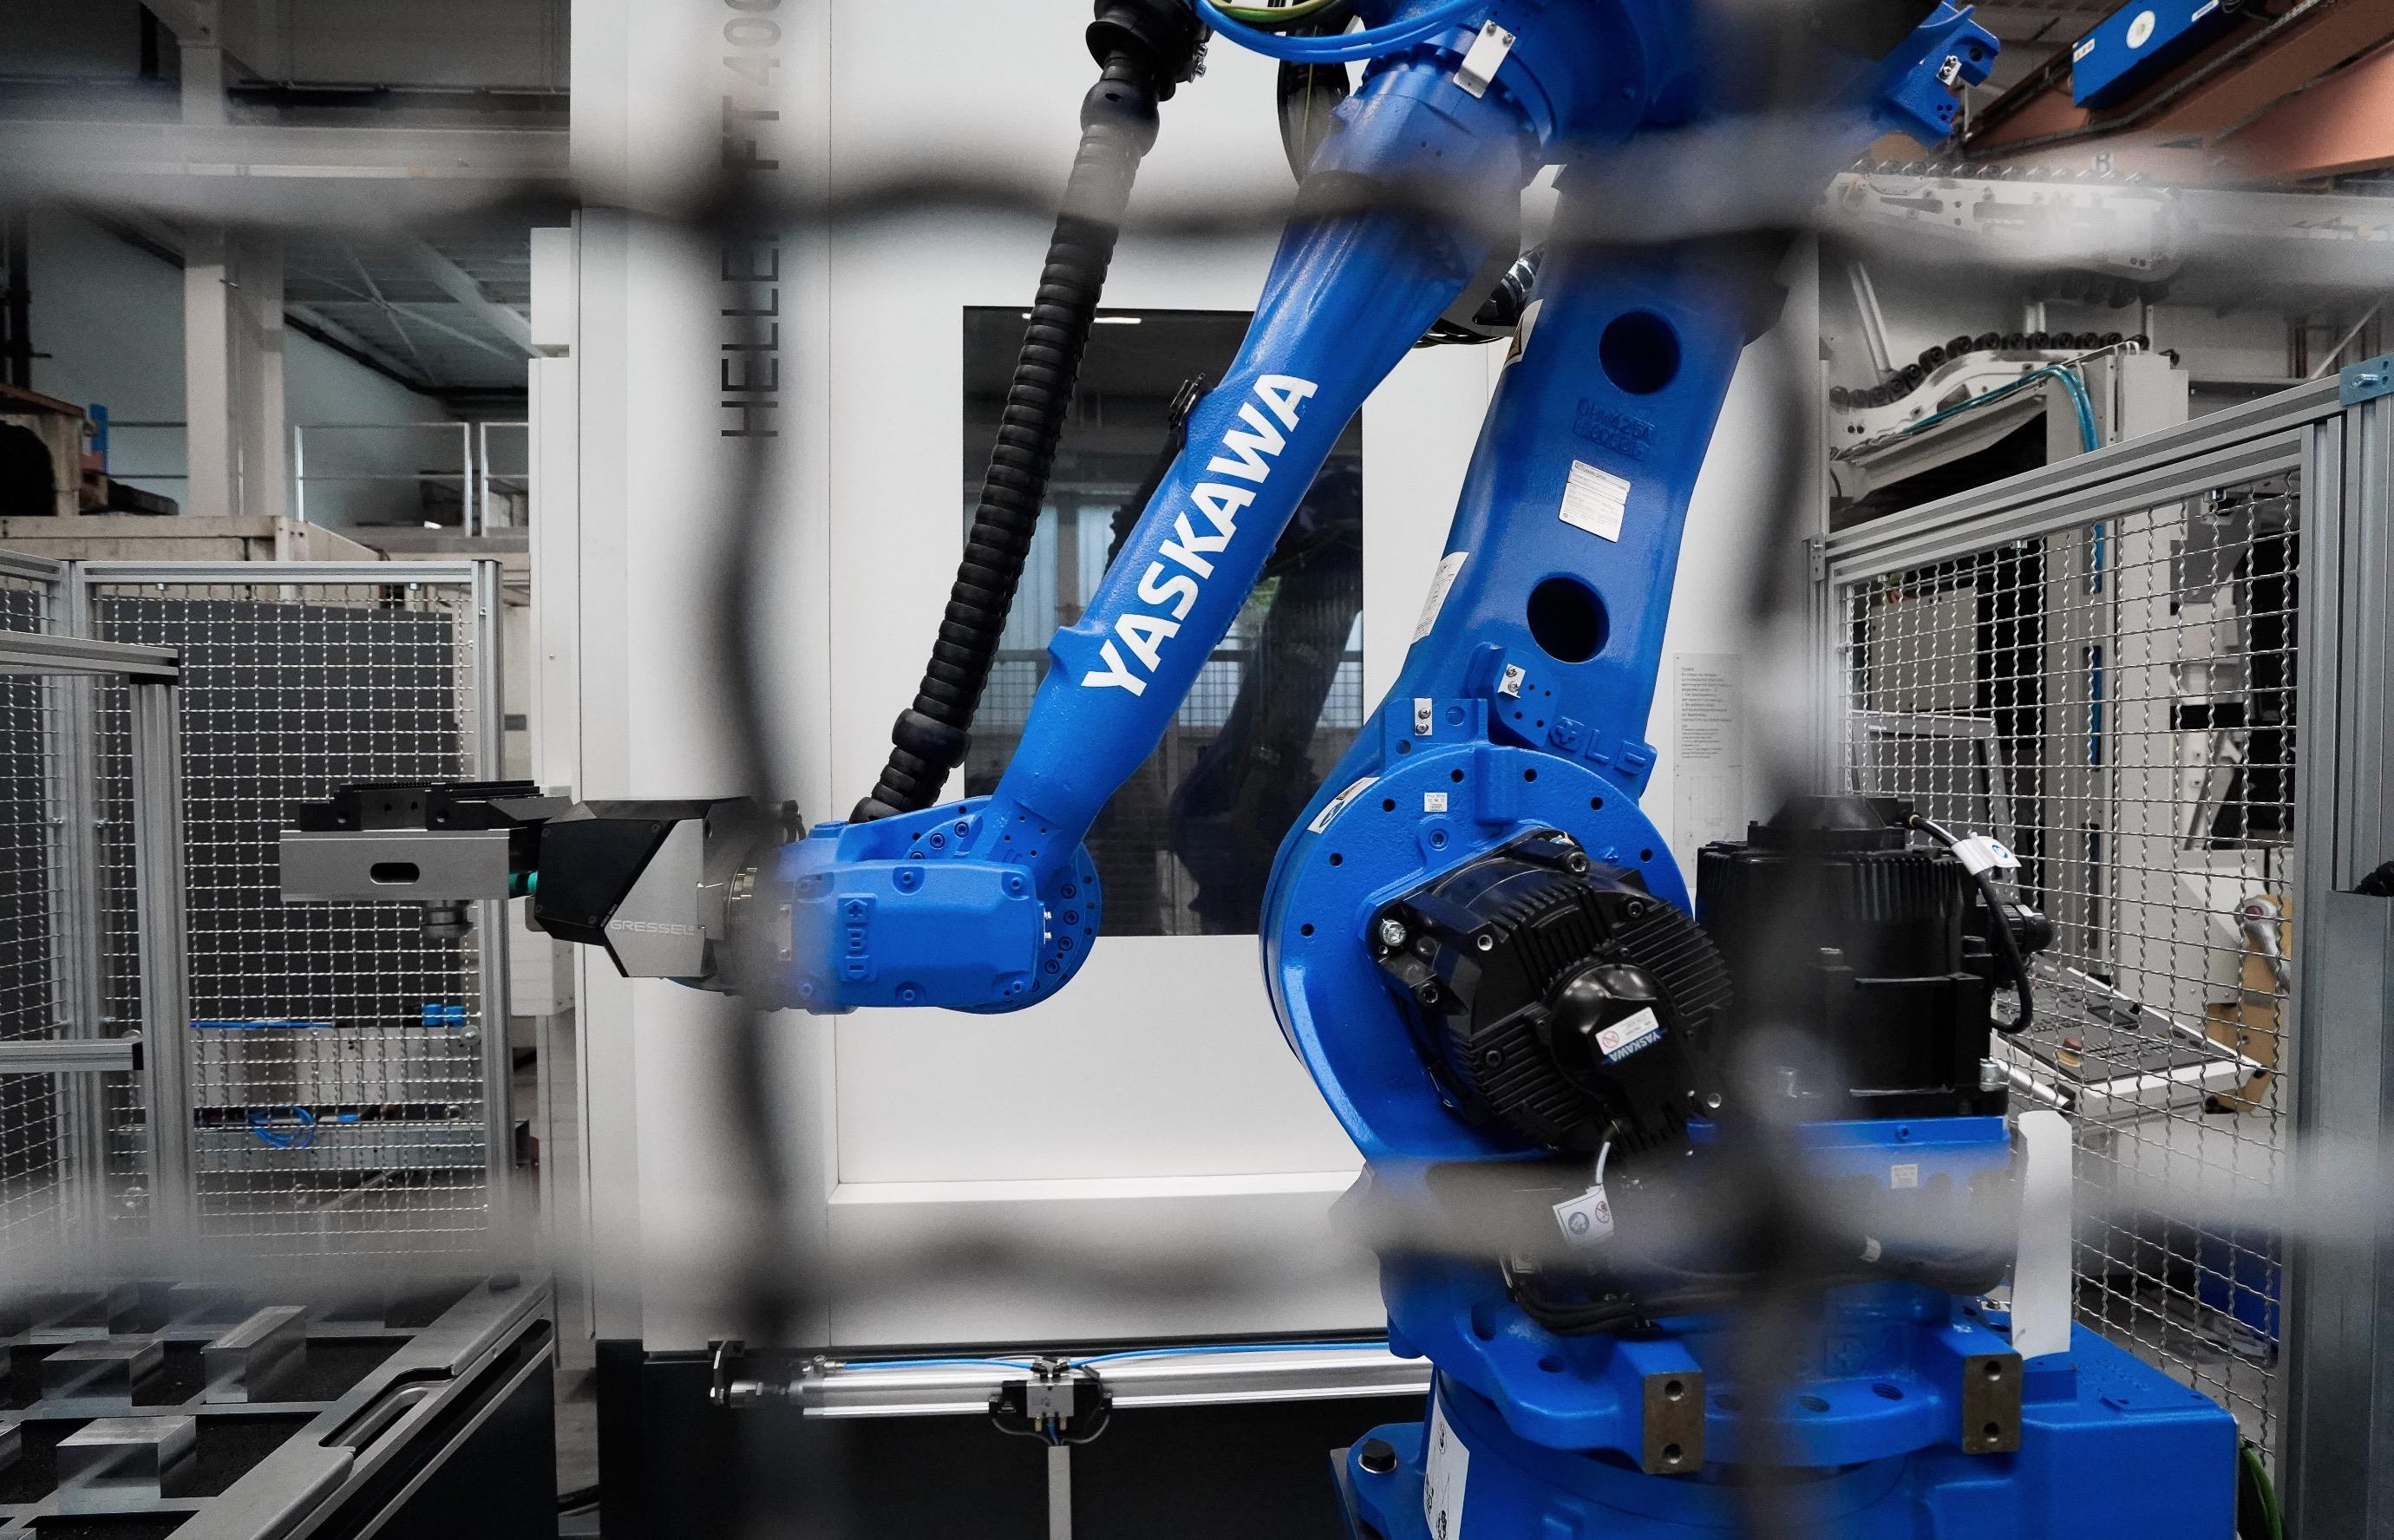 Retrofit CNC Maschine Hände arbeiten